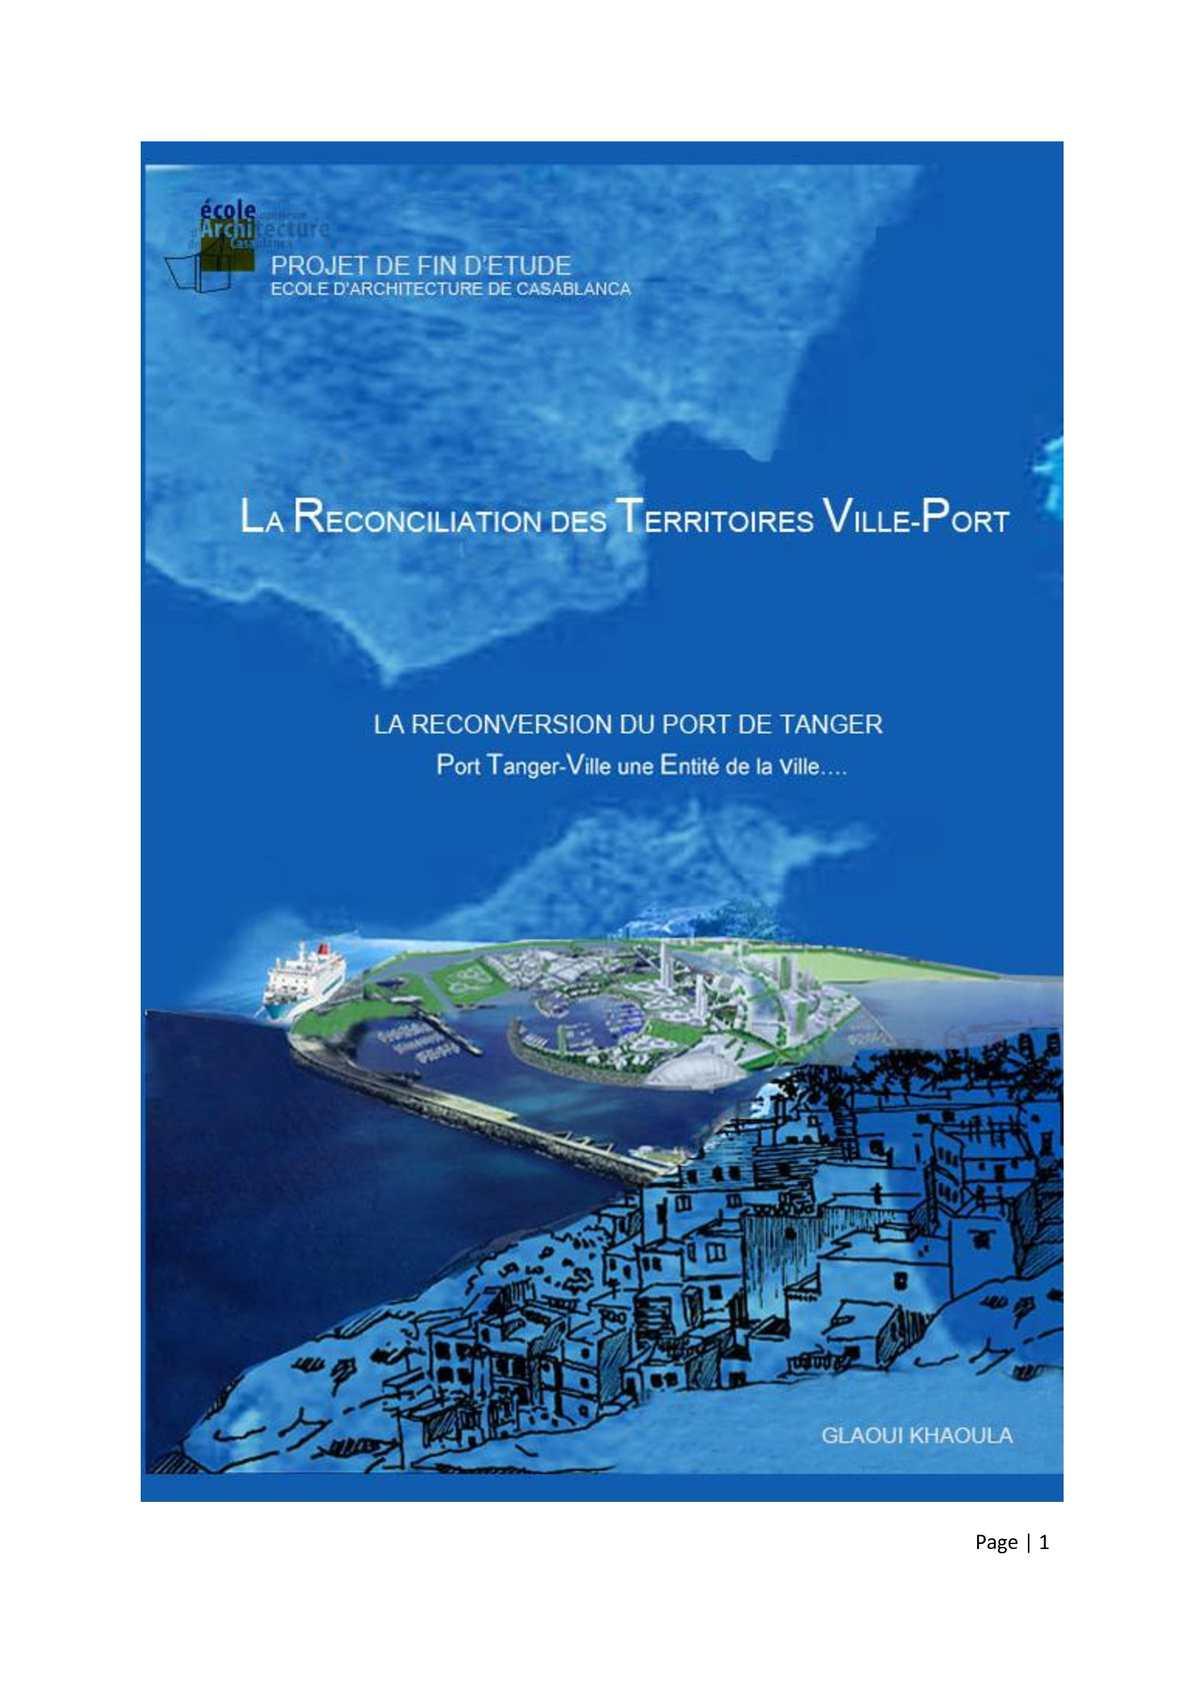 Reconversion du Port de Tanger Ville.La Reconciliation des Territoires Ville-Port. Architecte GLAOUI khaoula.